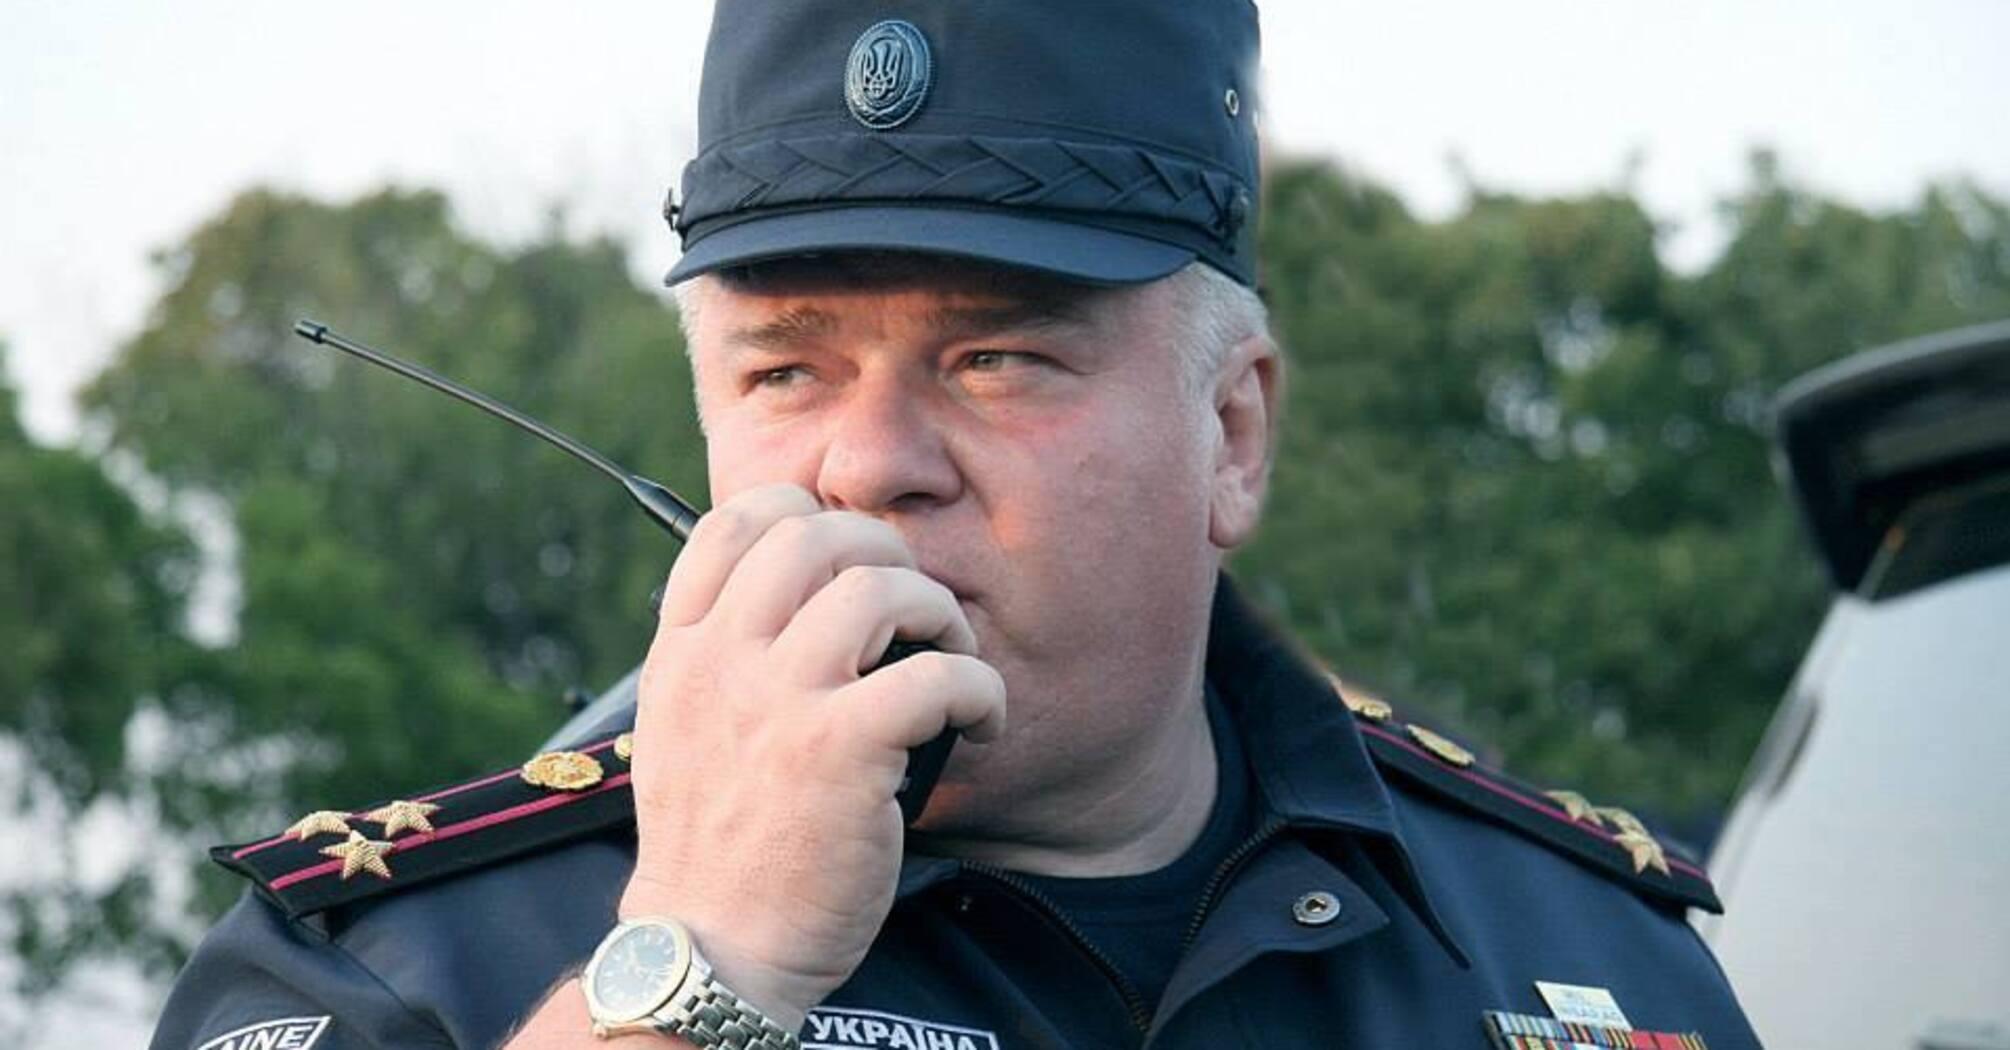 П'ять років поневірянь у сфальсифікованій справі проти керівників ДСНС Бочковського-Стоєцького!